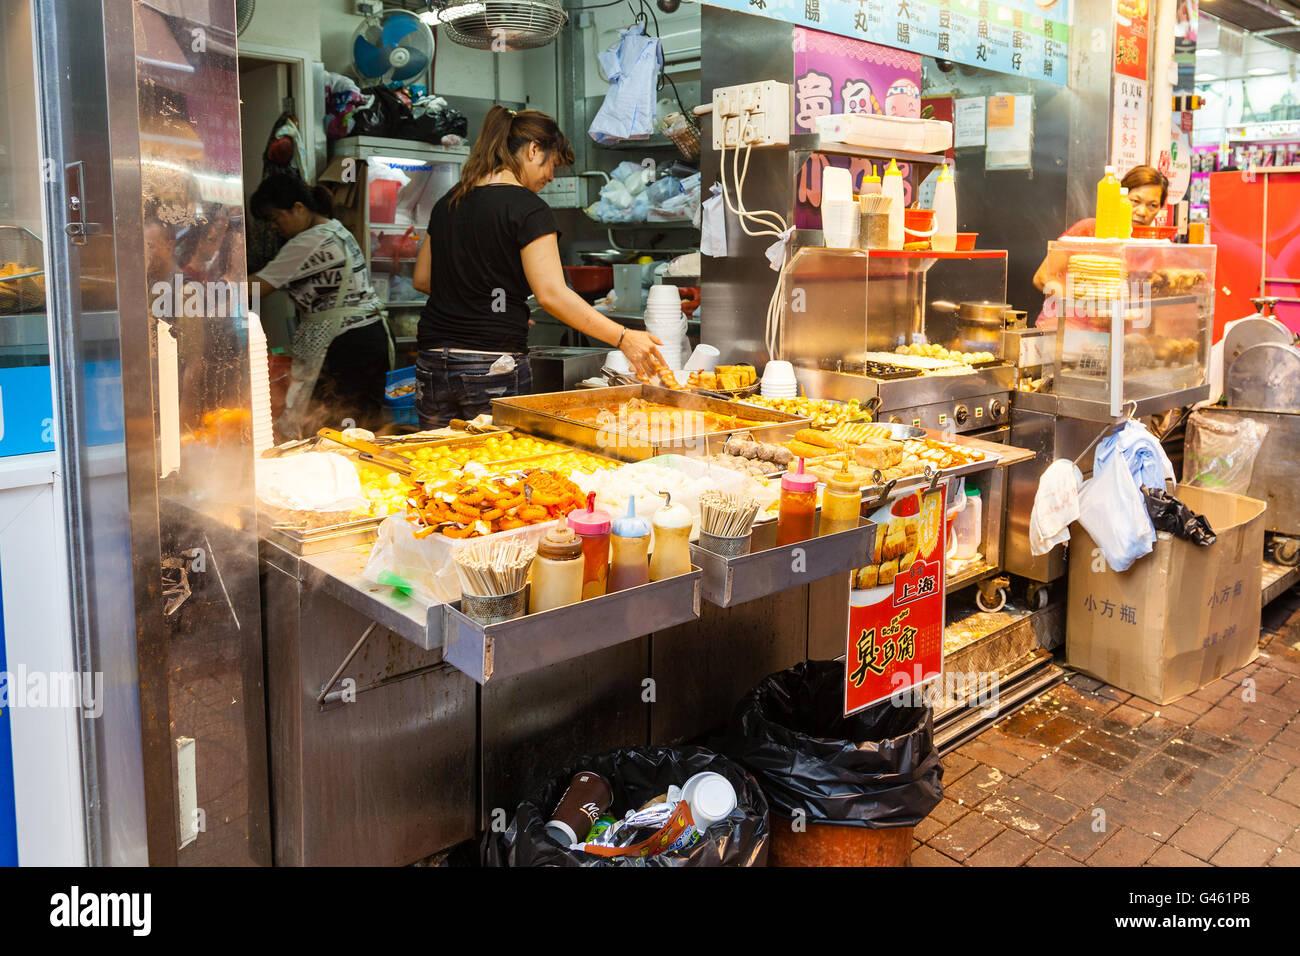 Hong Kong SAR, China - July 26, 2015: A street vendor selling popular snacks at Fa Yuen Street market in Kowloon. - Stock Image